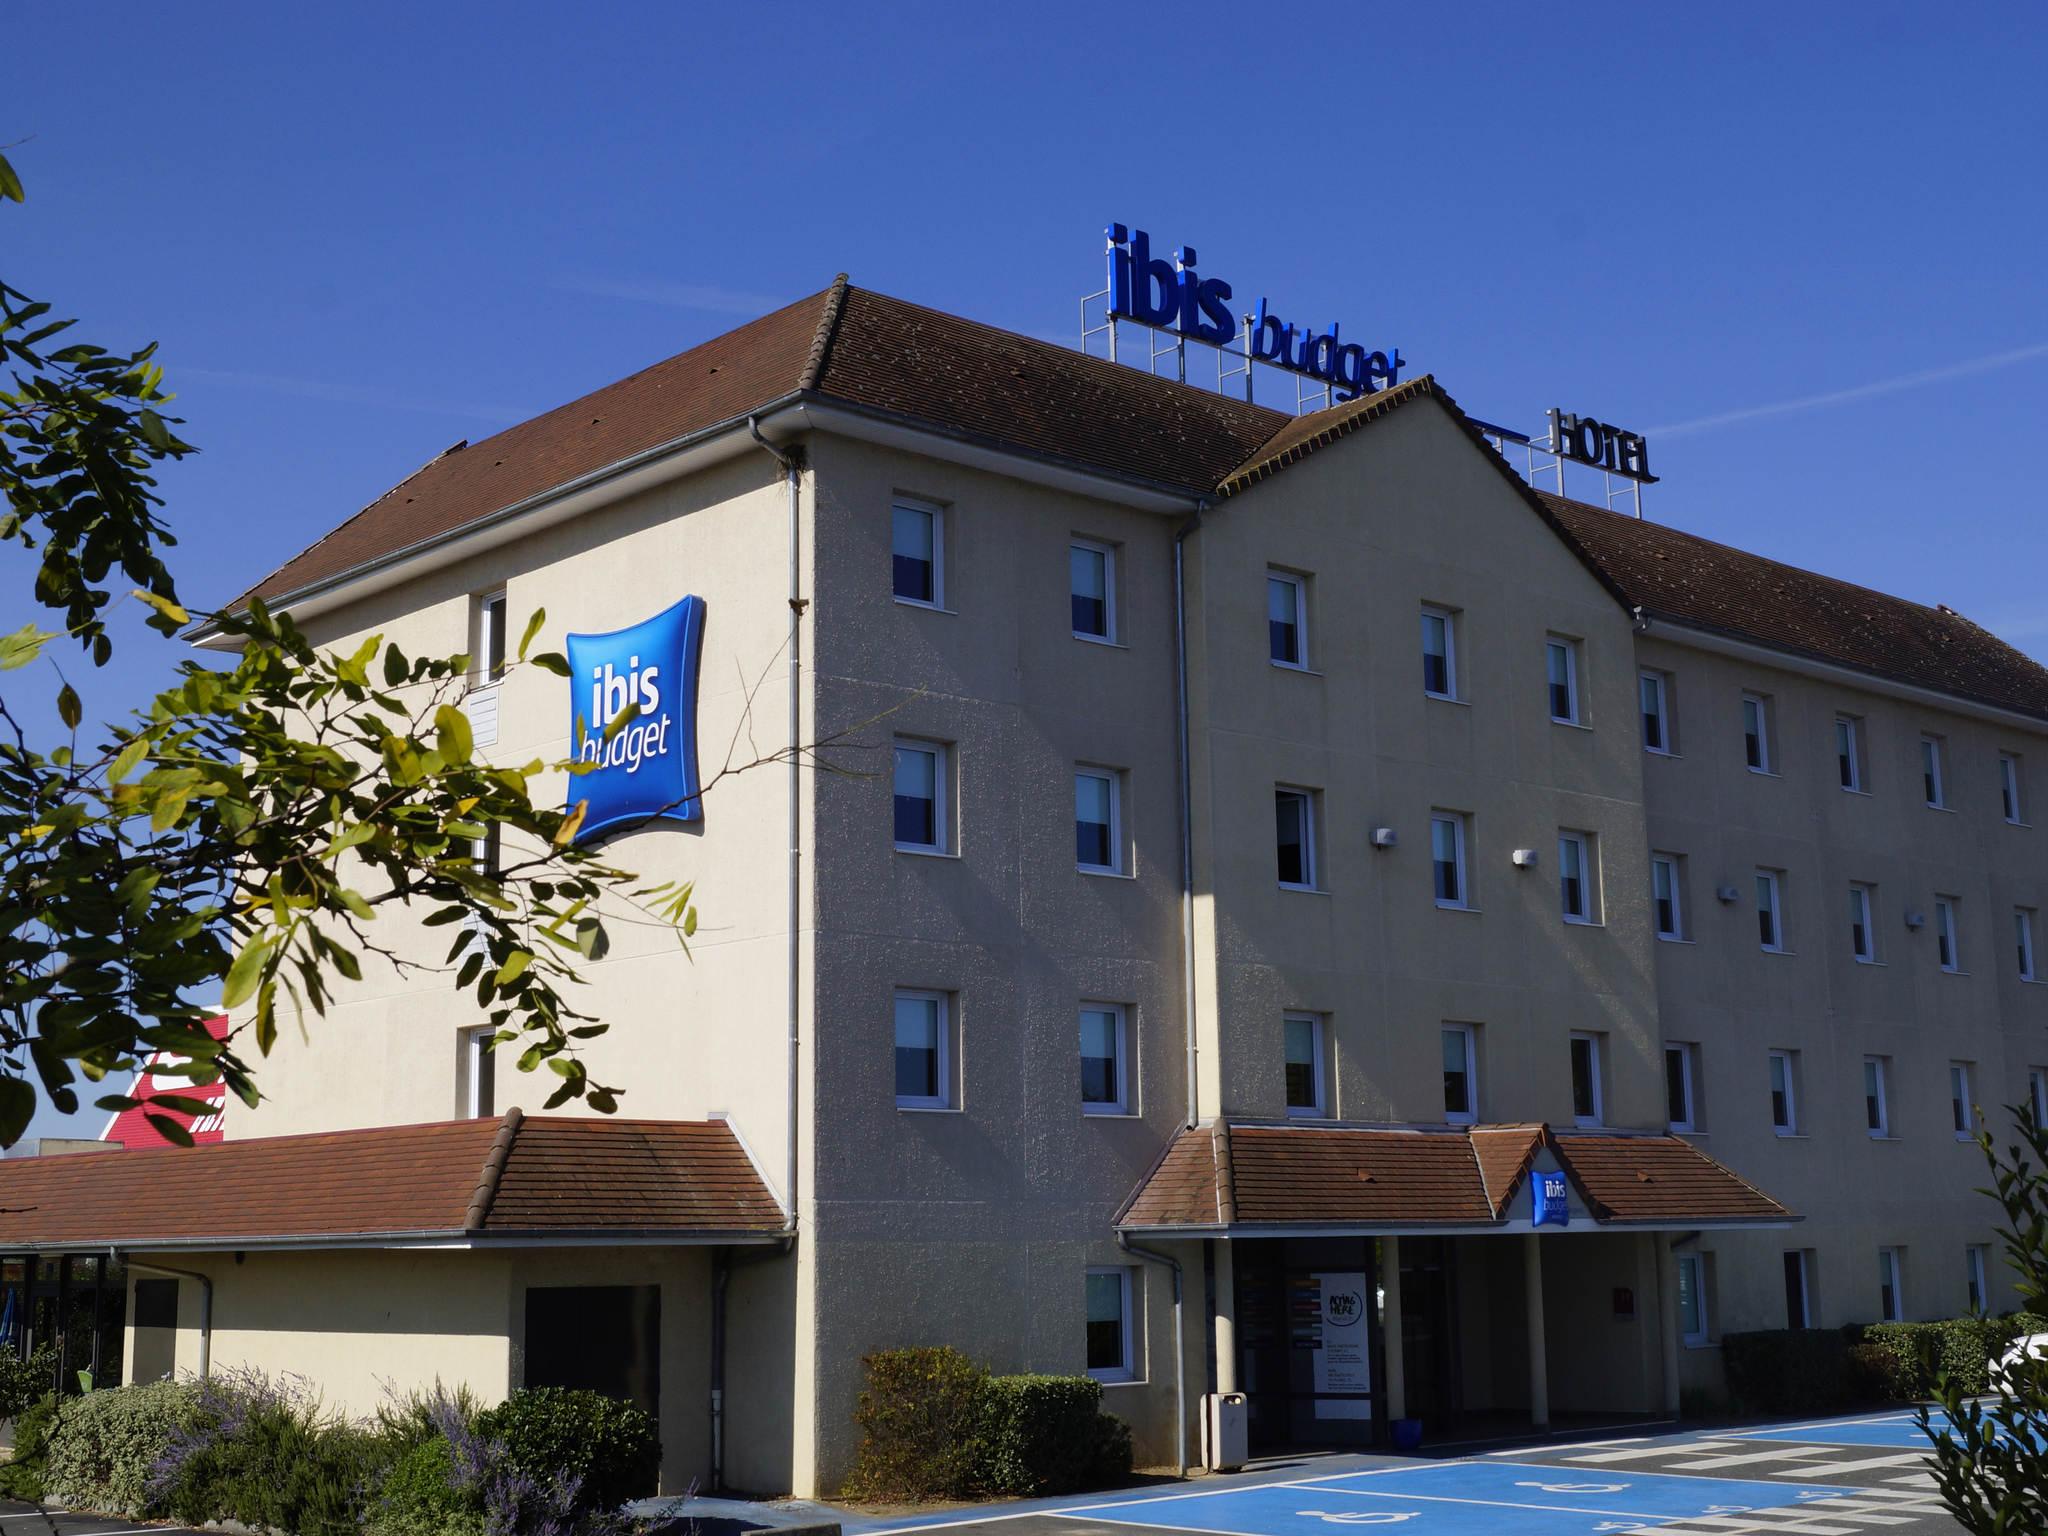 hotel em bergerac ibis budget bergerac